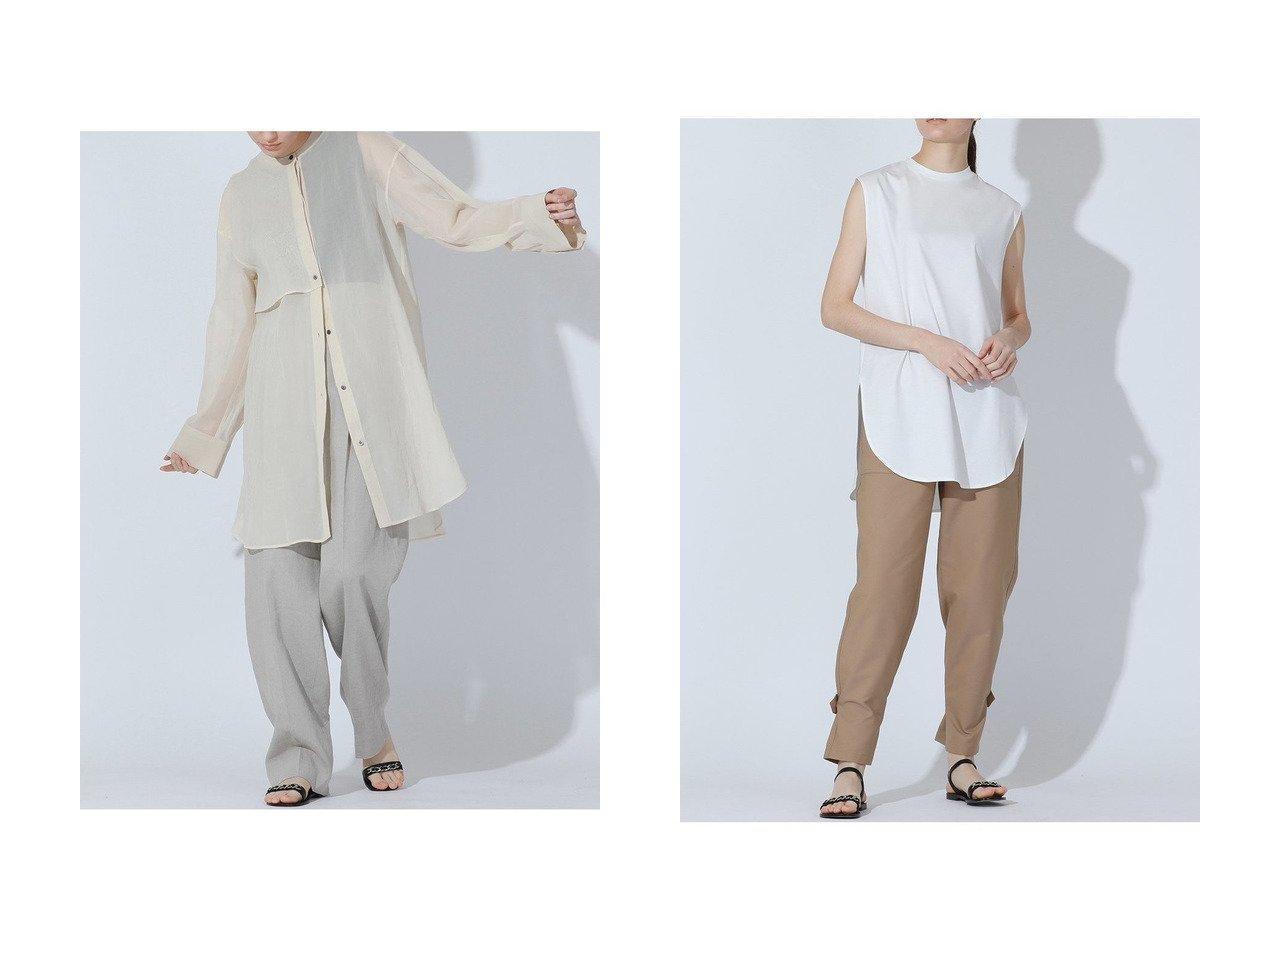 【ESSEN LAUTREAMONT/エッセン ロートレアモン】のガスボイルオーガンジーブラウス&SOPHIAカットソー 【トップス・カットソー】おすすめ!人気、トレンド・レディースファッションの通販 おすすめで人気の流行・トレンド、ファッションの通販商品 メンズファッション・キッズファッション・インテリア・家具・レディースファッション・服の通販 founy(ファニー) https://founy.com/ ファッション Fashion レディースファッション WOMEN トップス・カットソー Tops/Tshirt シャツ/ブラウス Shirts/Blouses ロング / Tシャツ T-Shirts カットソー Cut and Sewn シアー スリーブ トレンド ロング インナー カッティング カットソー コンパクト サマー ショート ジャージ タンク フレンチ 人気  ID:crp329100000036792